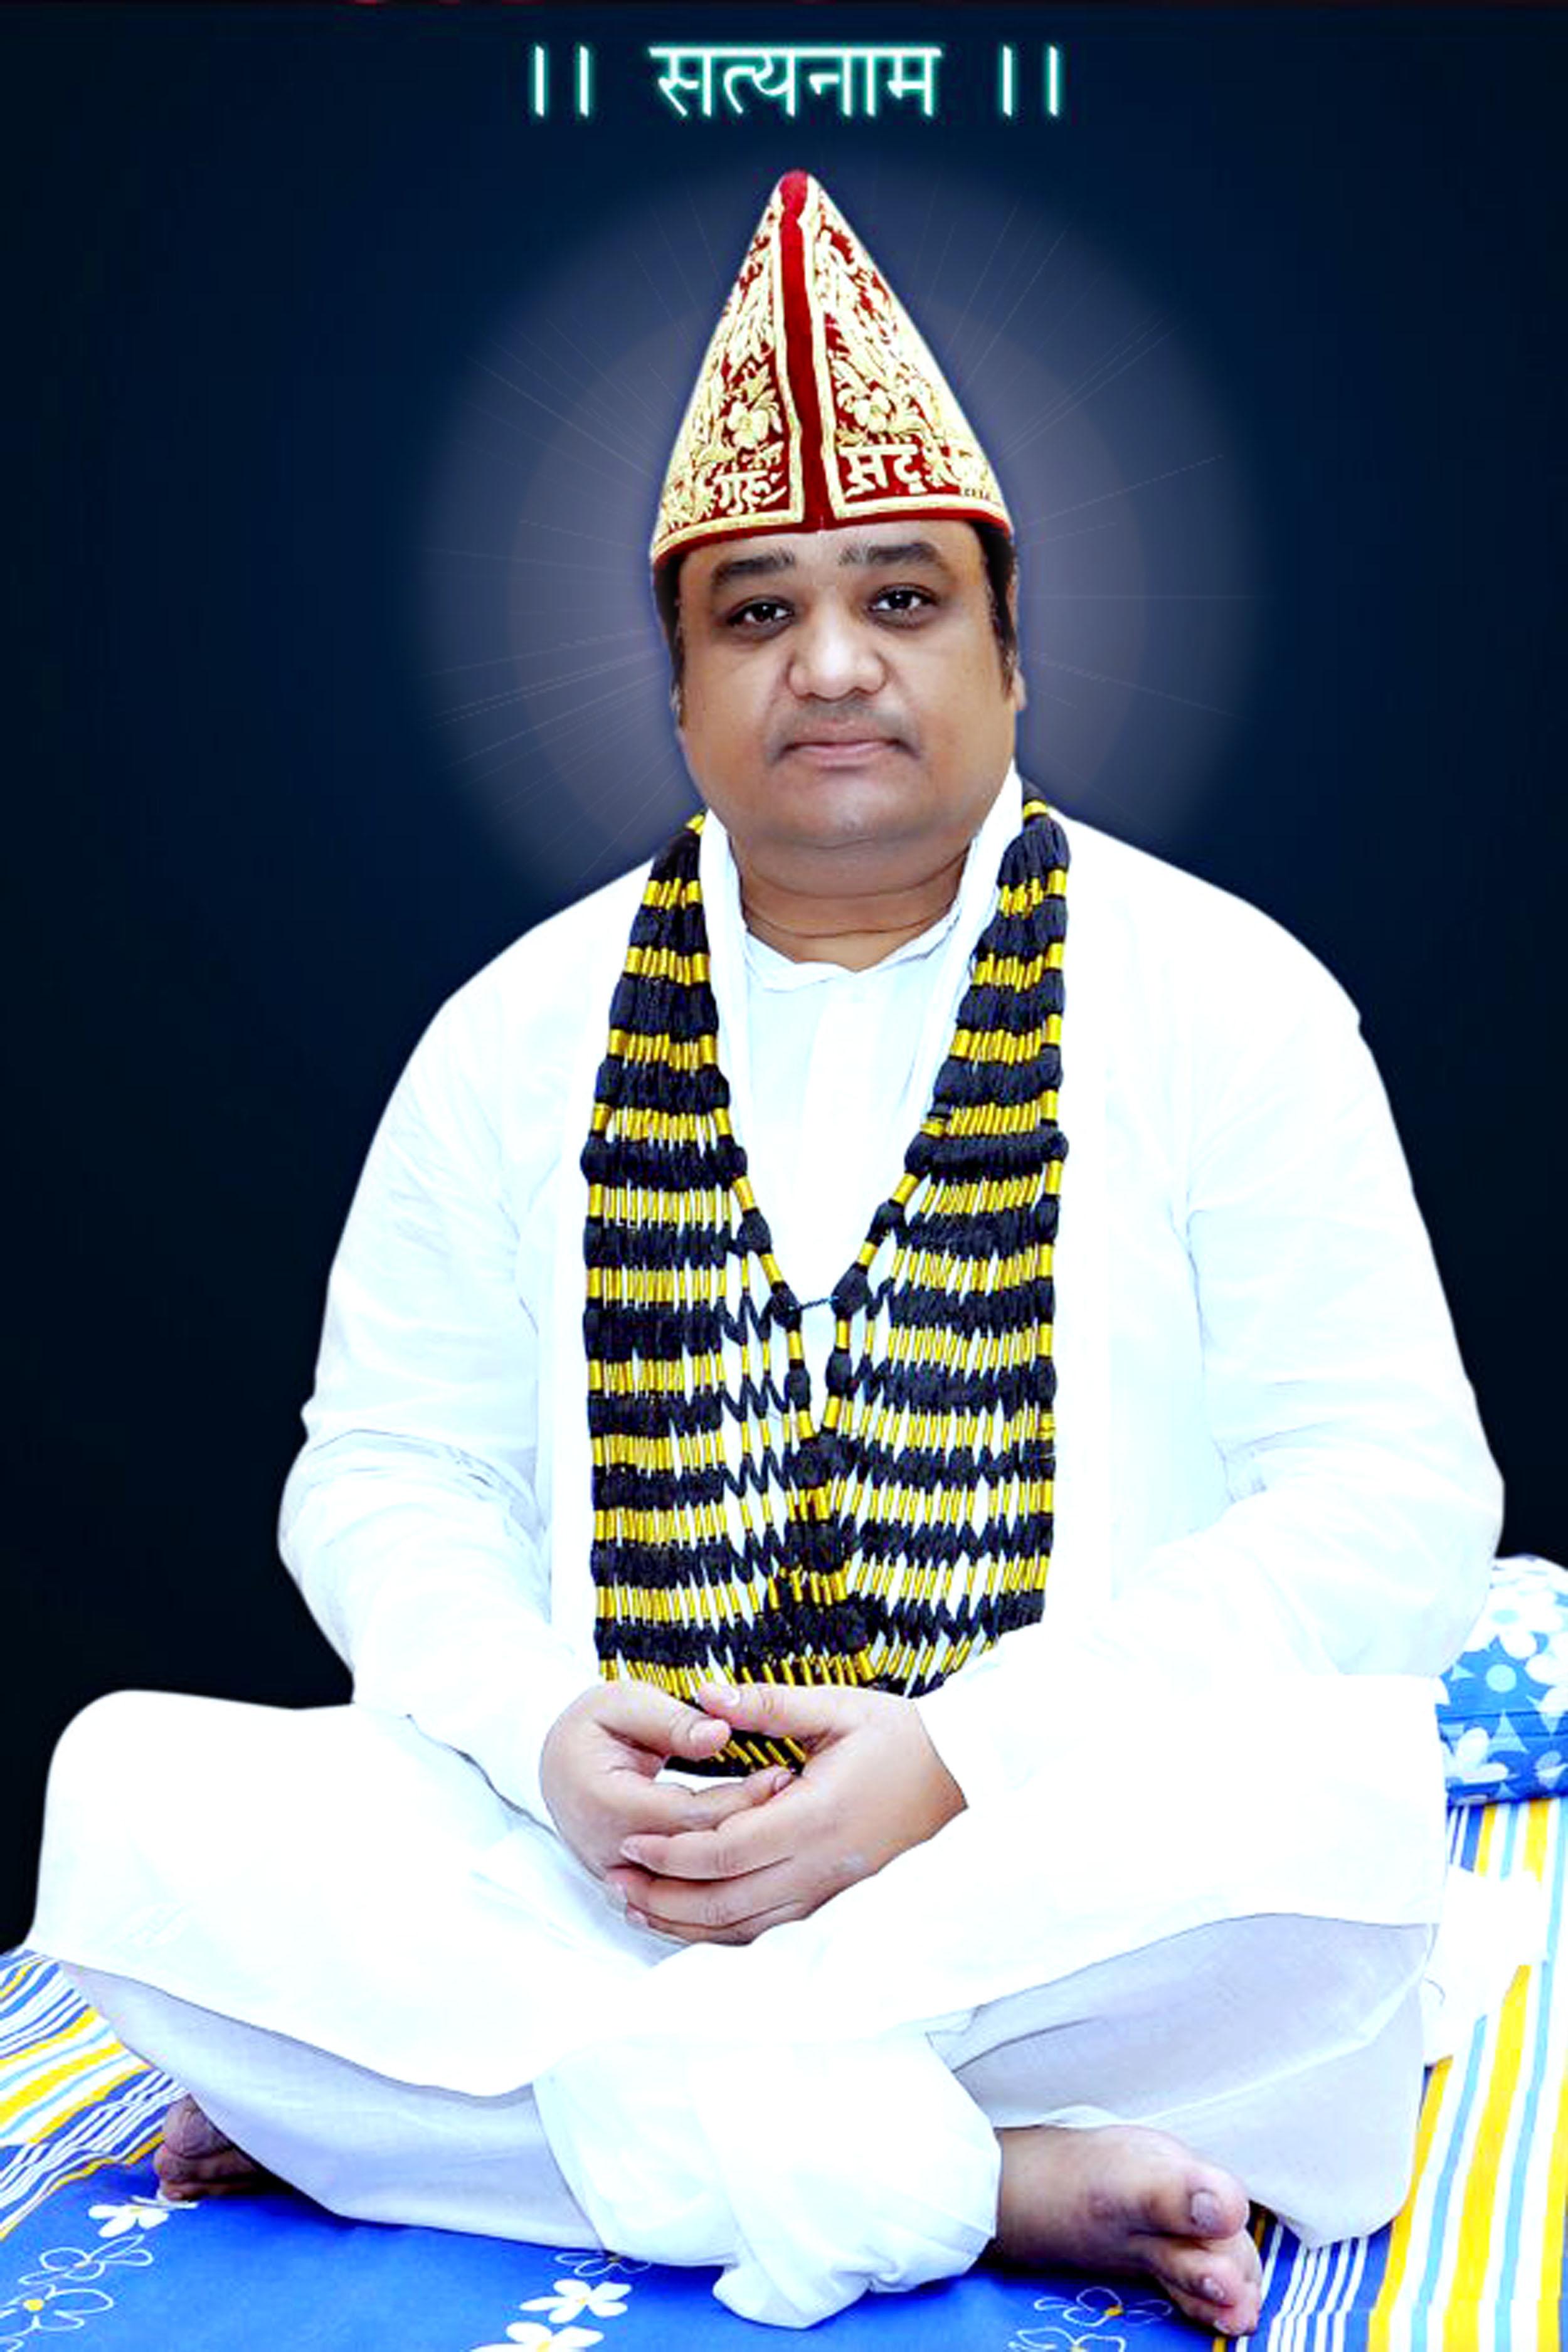 पंथ श्री हुजुर प्रकाशमुनिनाम साहेब